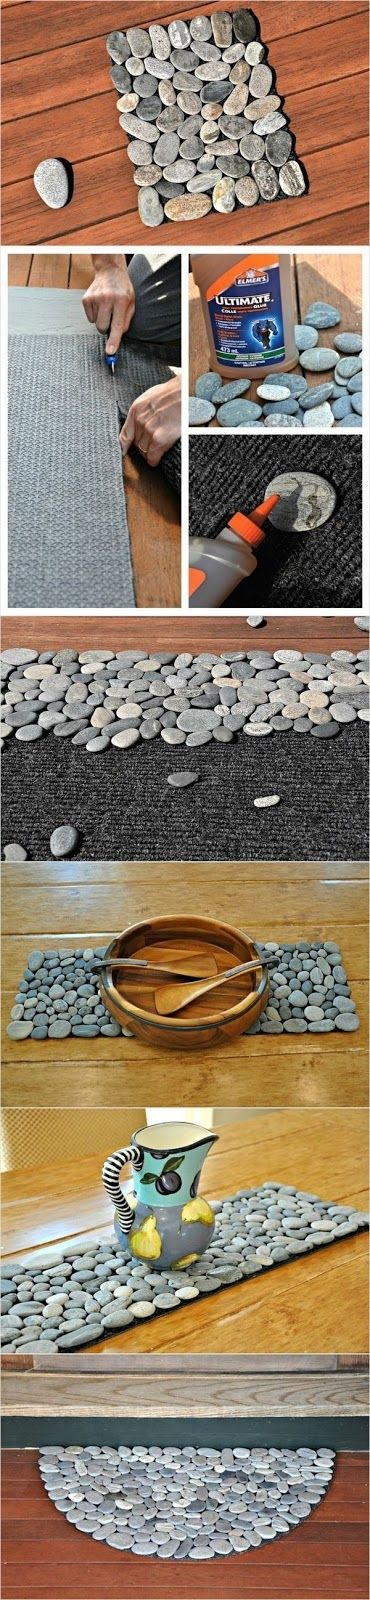 Reciclar, Reutilizar y Reducir : Cómo hacer una maravillosa alfombra para el baño con piedras